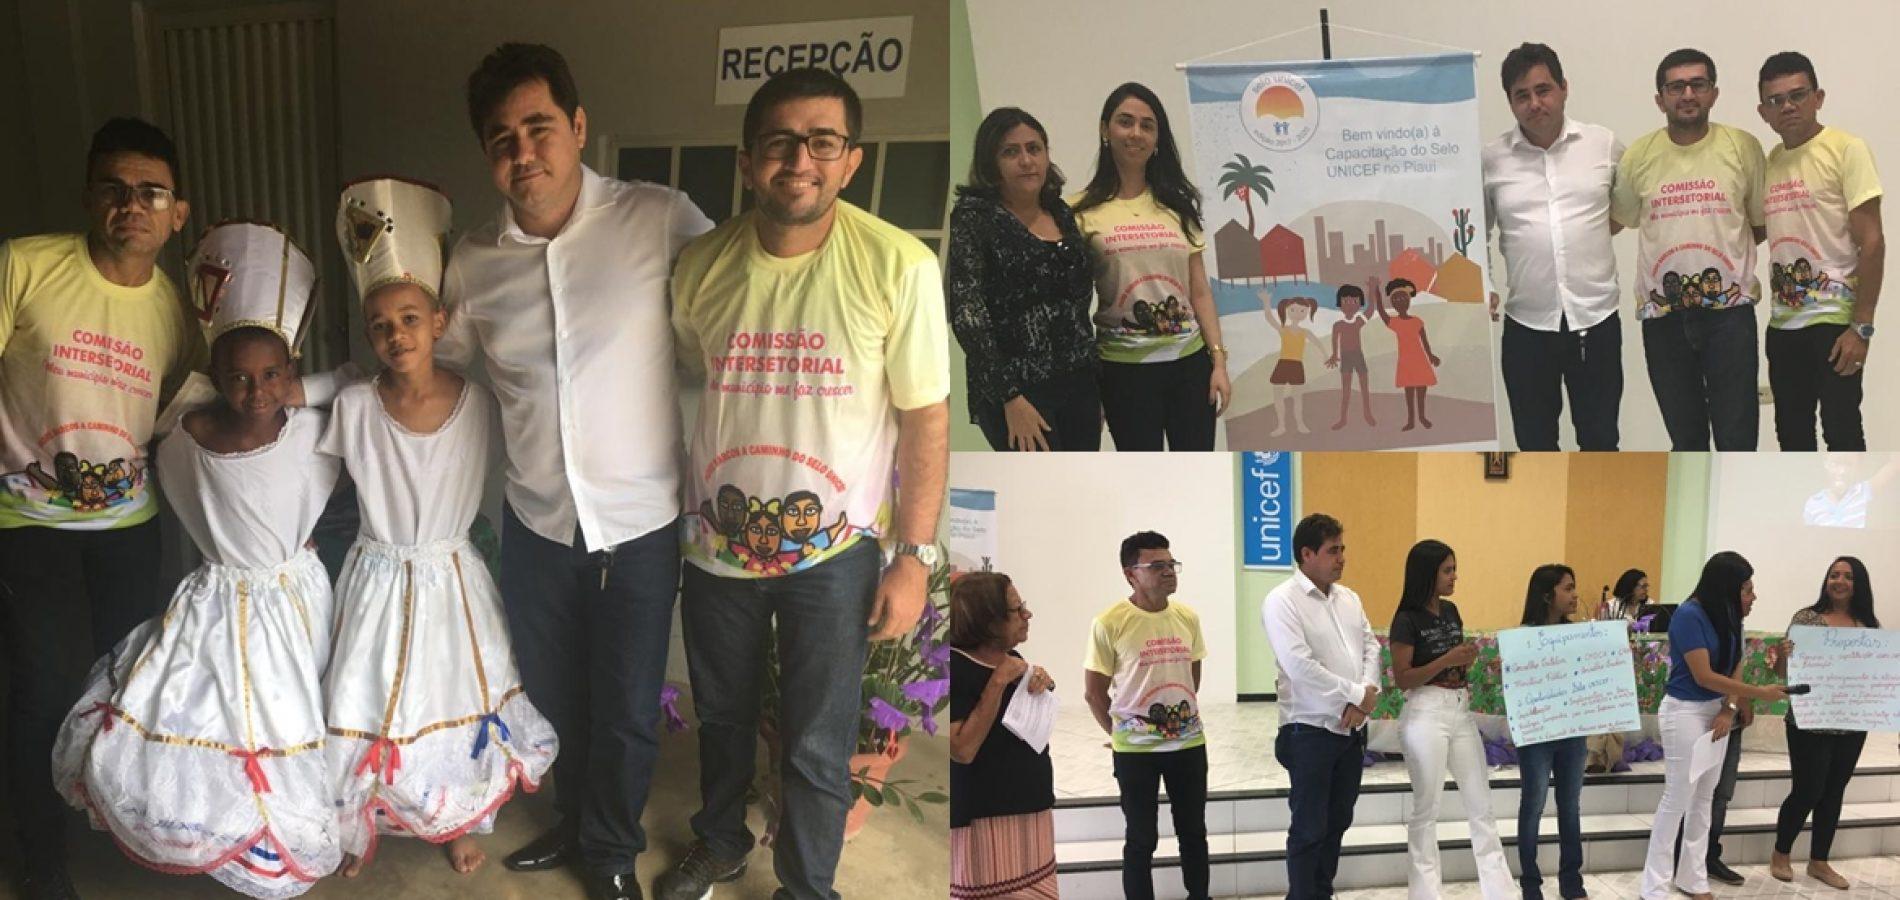 PADRE MARCOS | Prefeito Valdinar e Comissão Intersetorial participam de Capacitação do Selo Unicef em Oeiras